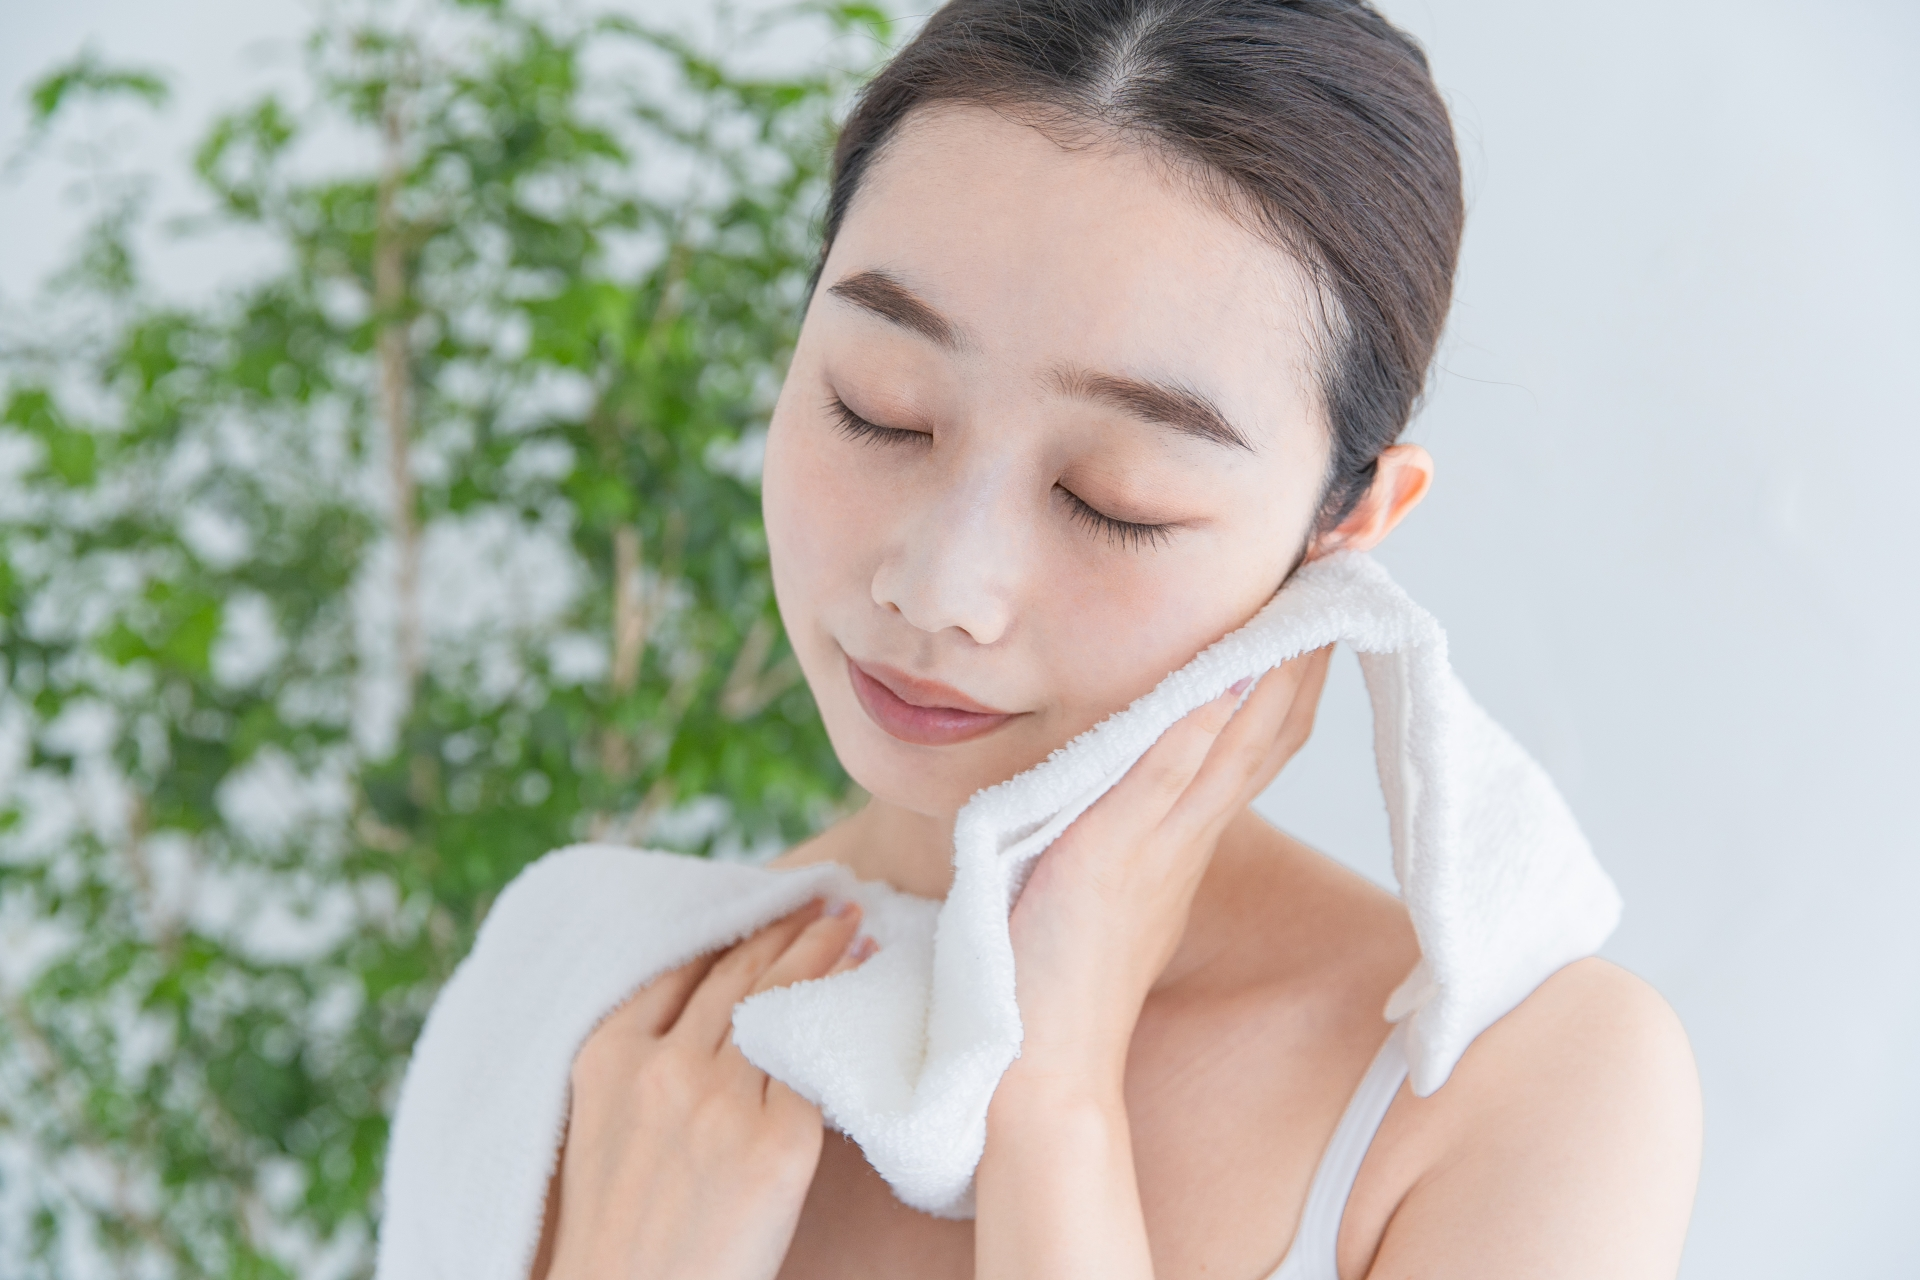 化粧品を使わずに「水洗顔+ワセリン」で美肌に!